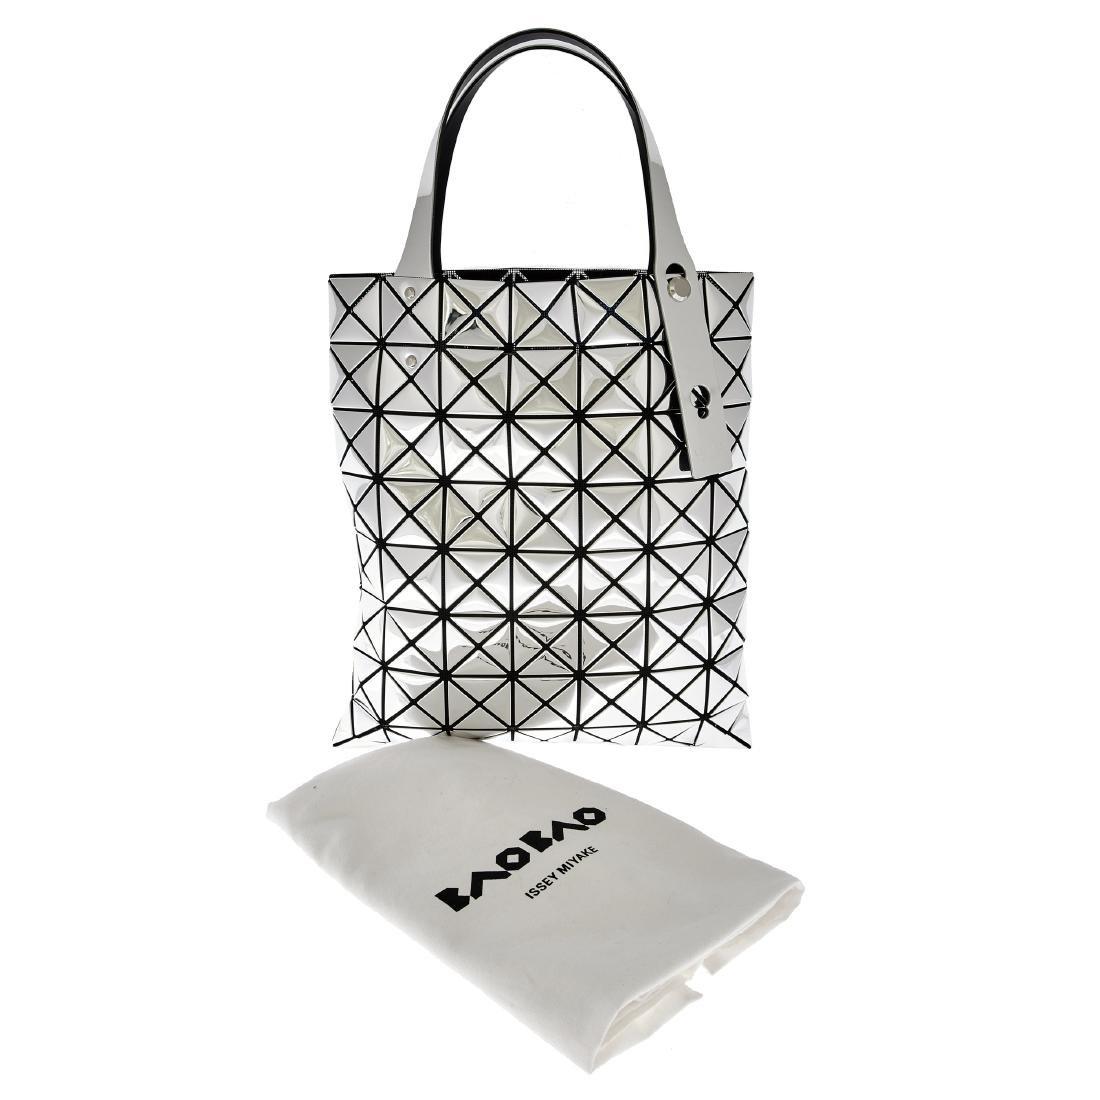 Issey Miyake Bao Bao handbag